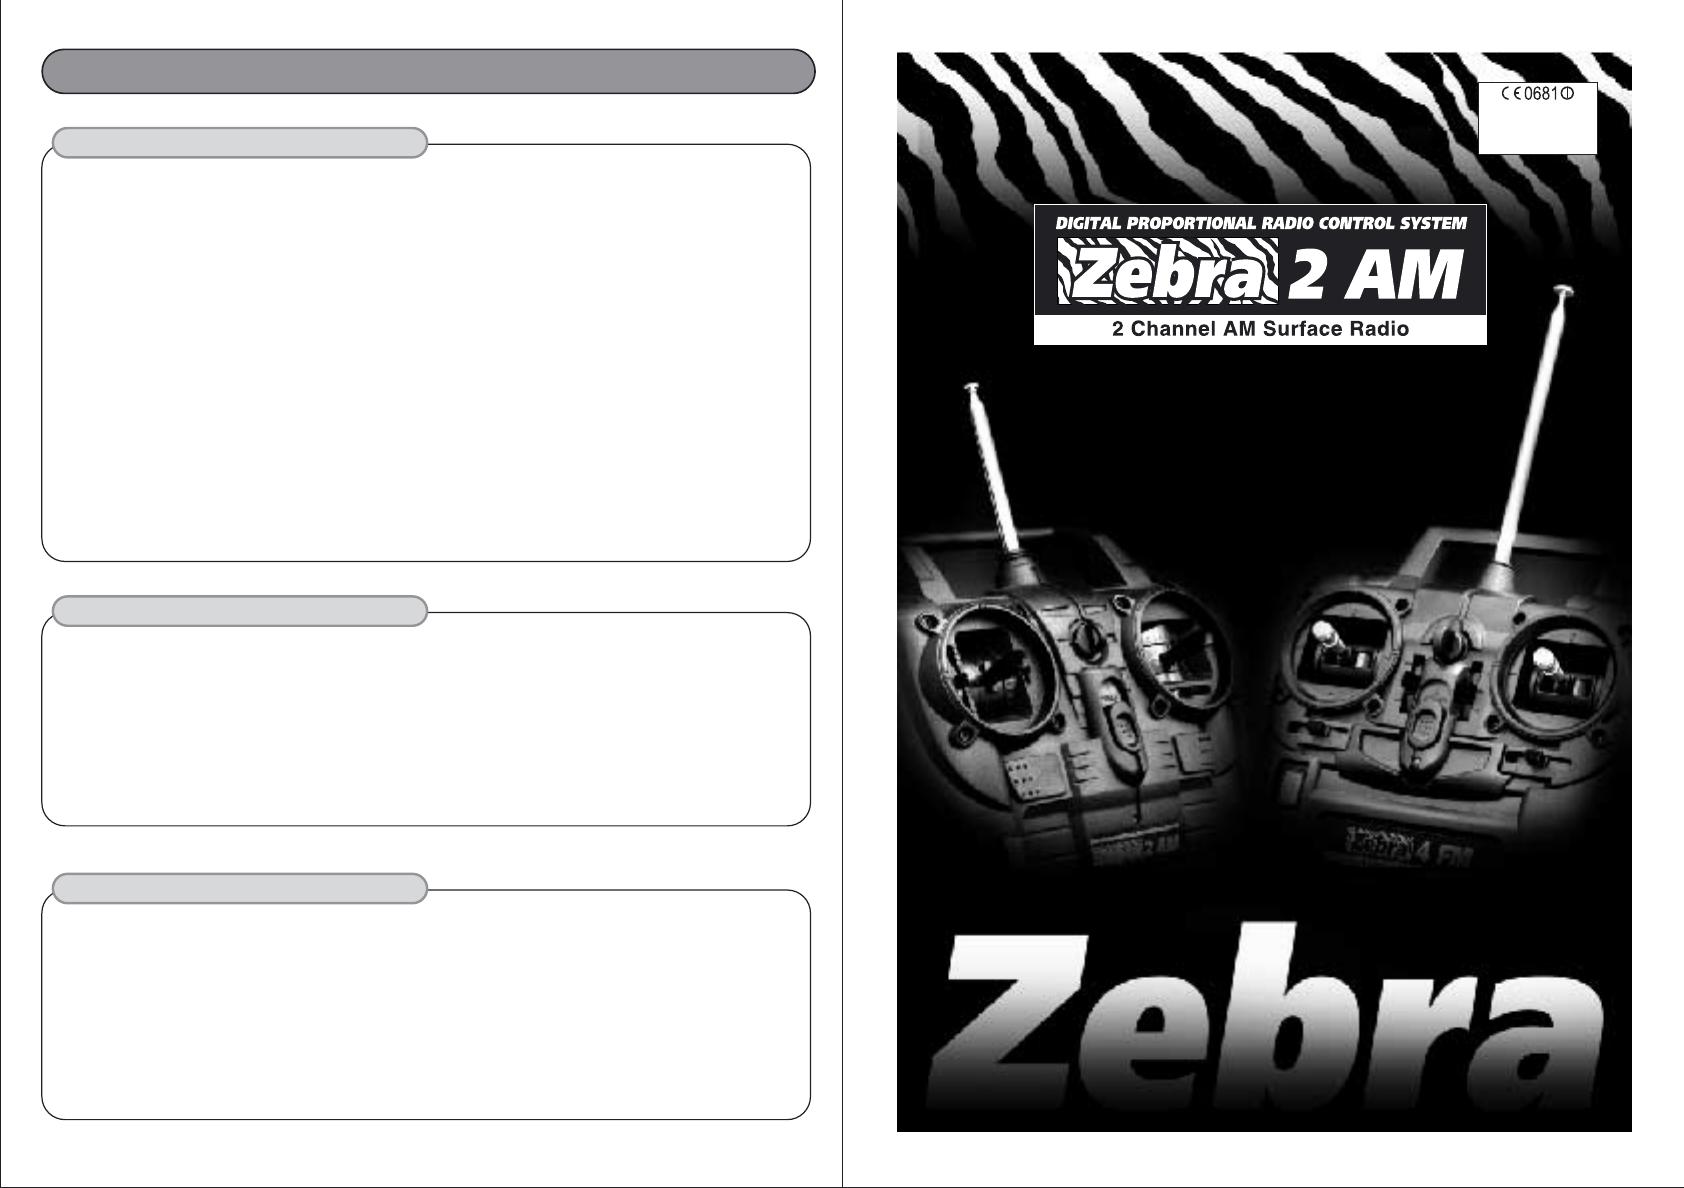 Hitec Rcd Zebra275 Remote Control Transmitter User Manual Zebra 2am Servo Wiring Diagram Users 1 0f 2